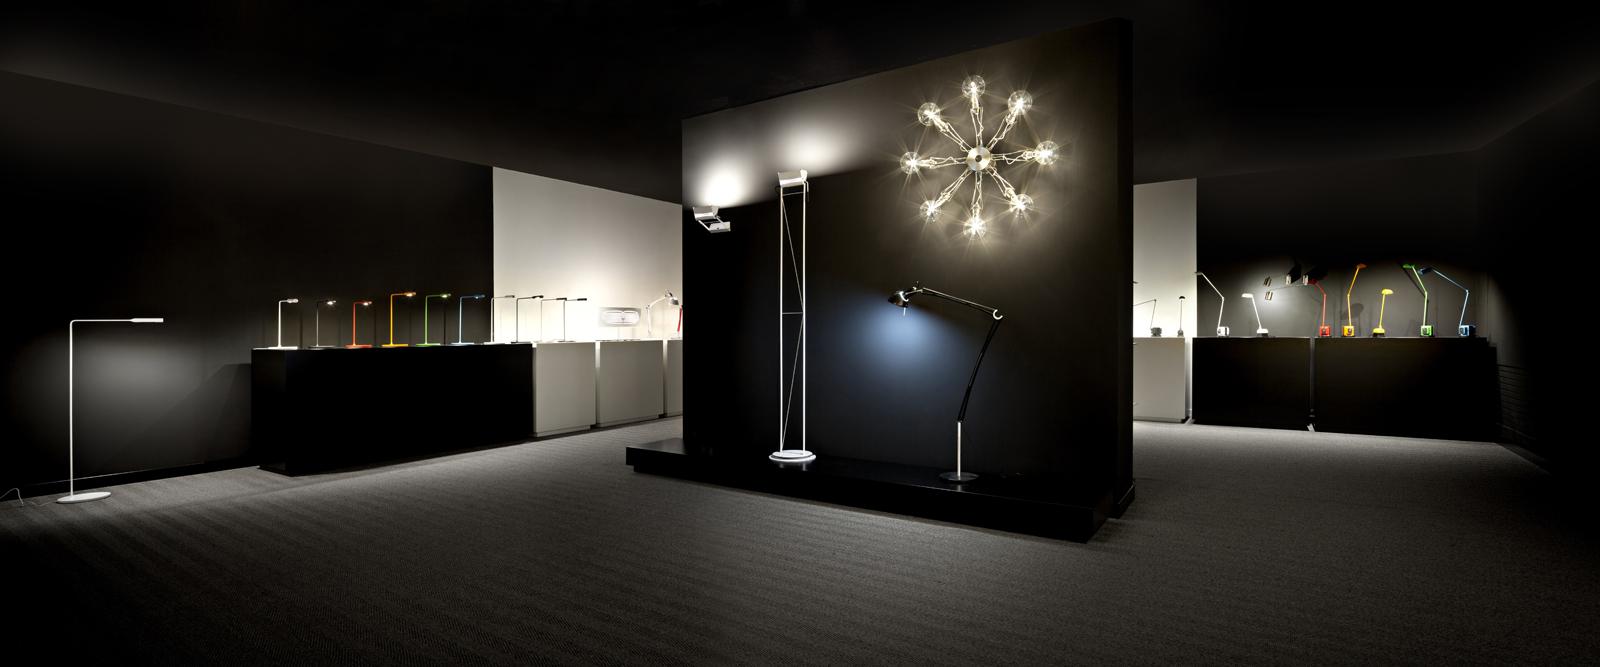 01_Lumina Showroom_Silvia Fanticelli